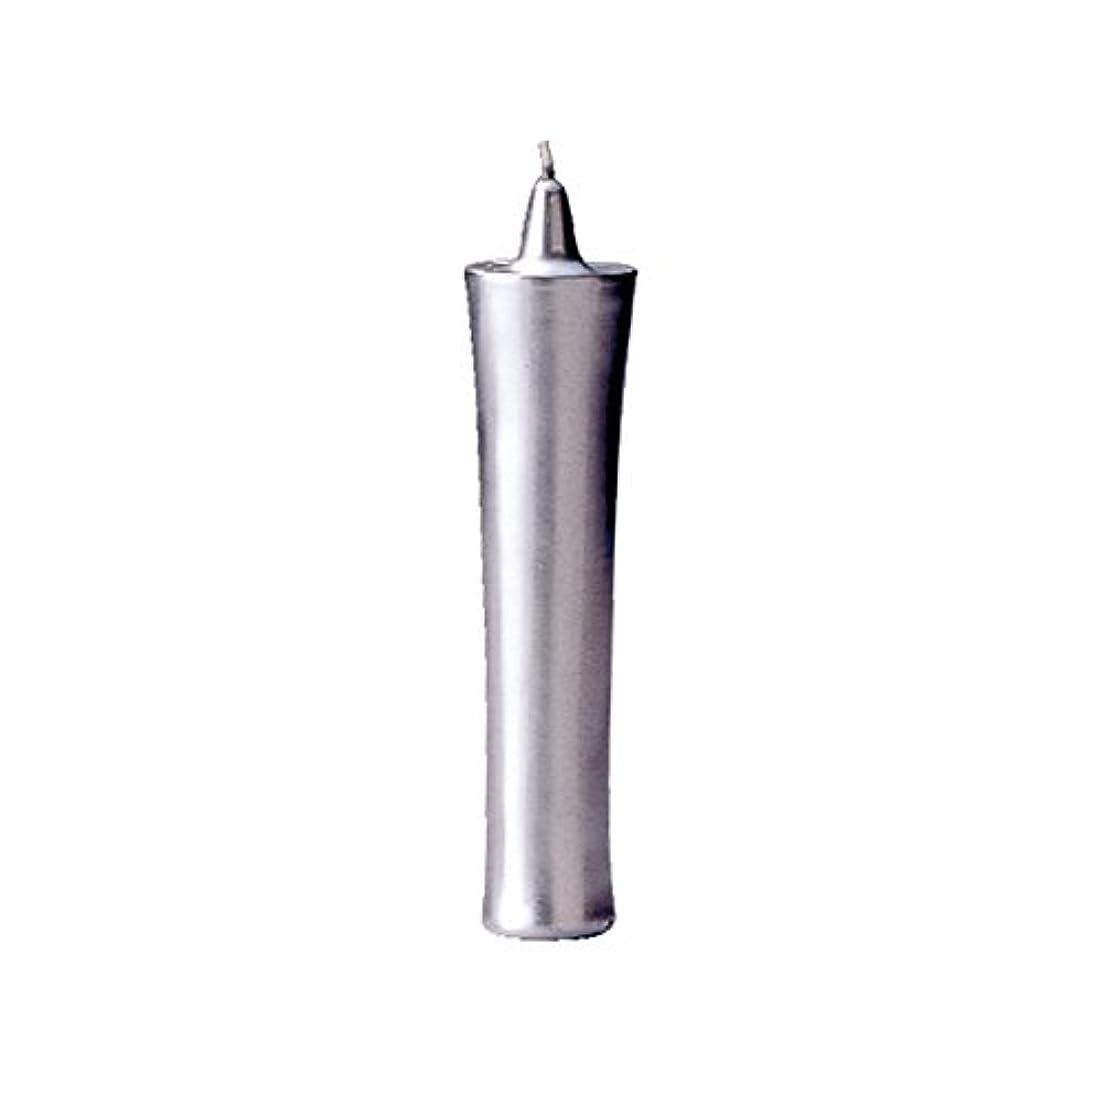 時代遅れ引数メトリックカメヤマ 和ロー型(C)銀 22cm (1セット)